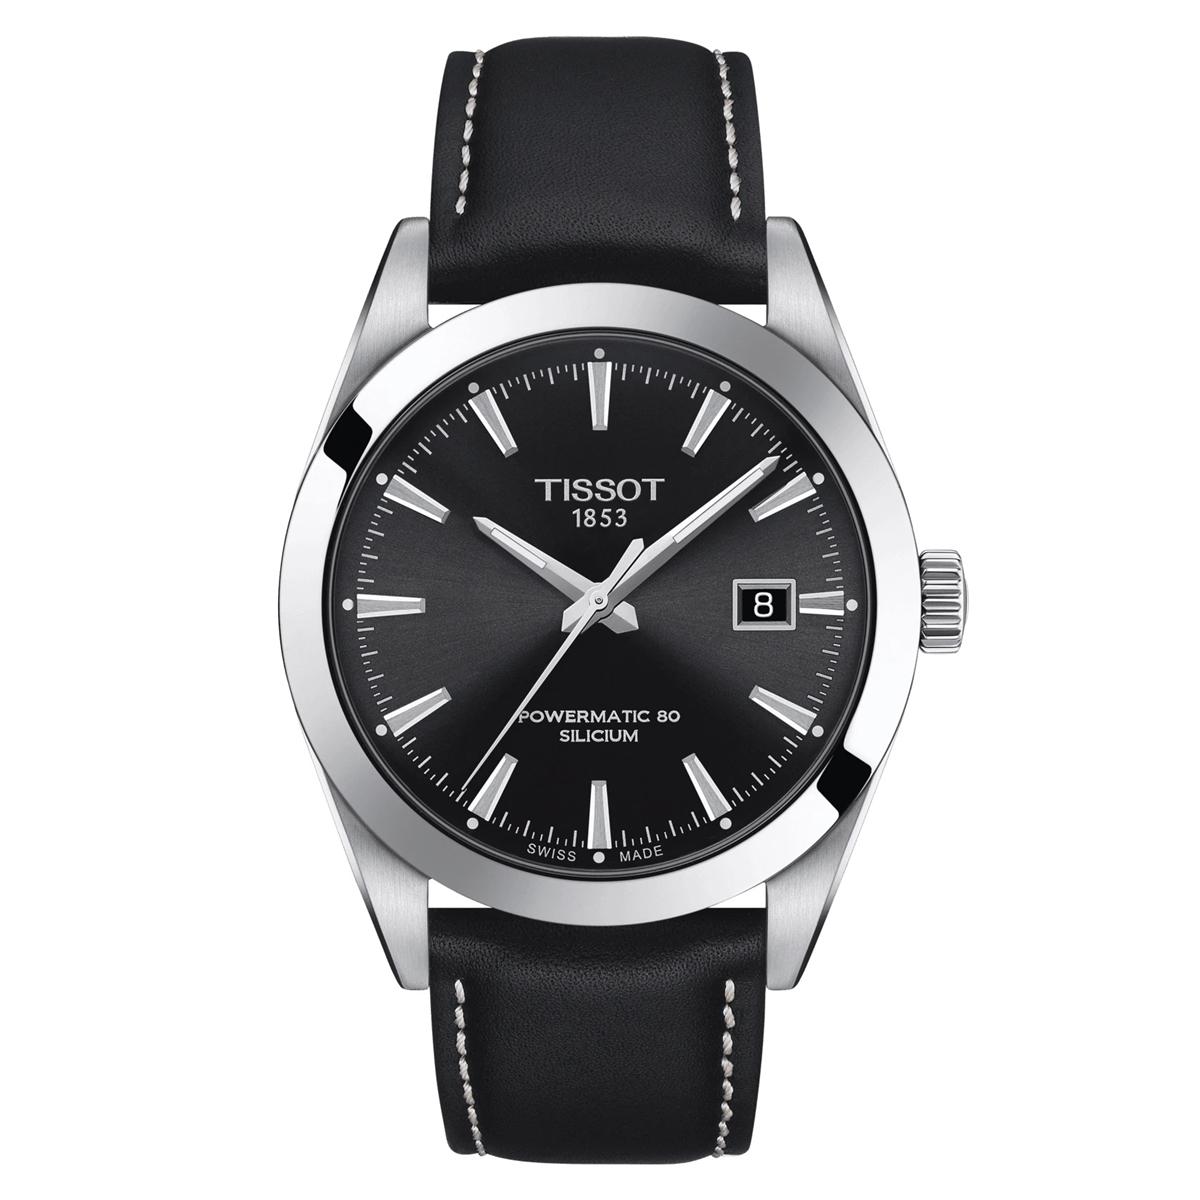 ティソ TISSOT T127.407.16.051.00 ジェントルマン パワーマティック80 シリシウム 正規品 腕時計